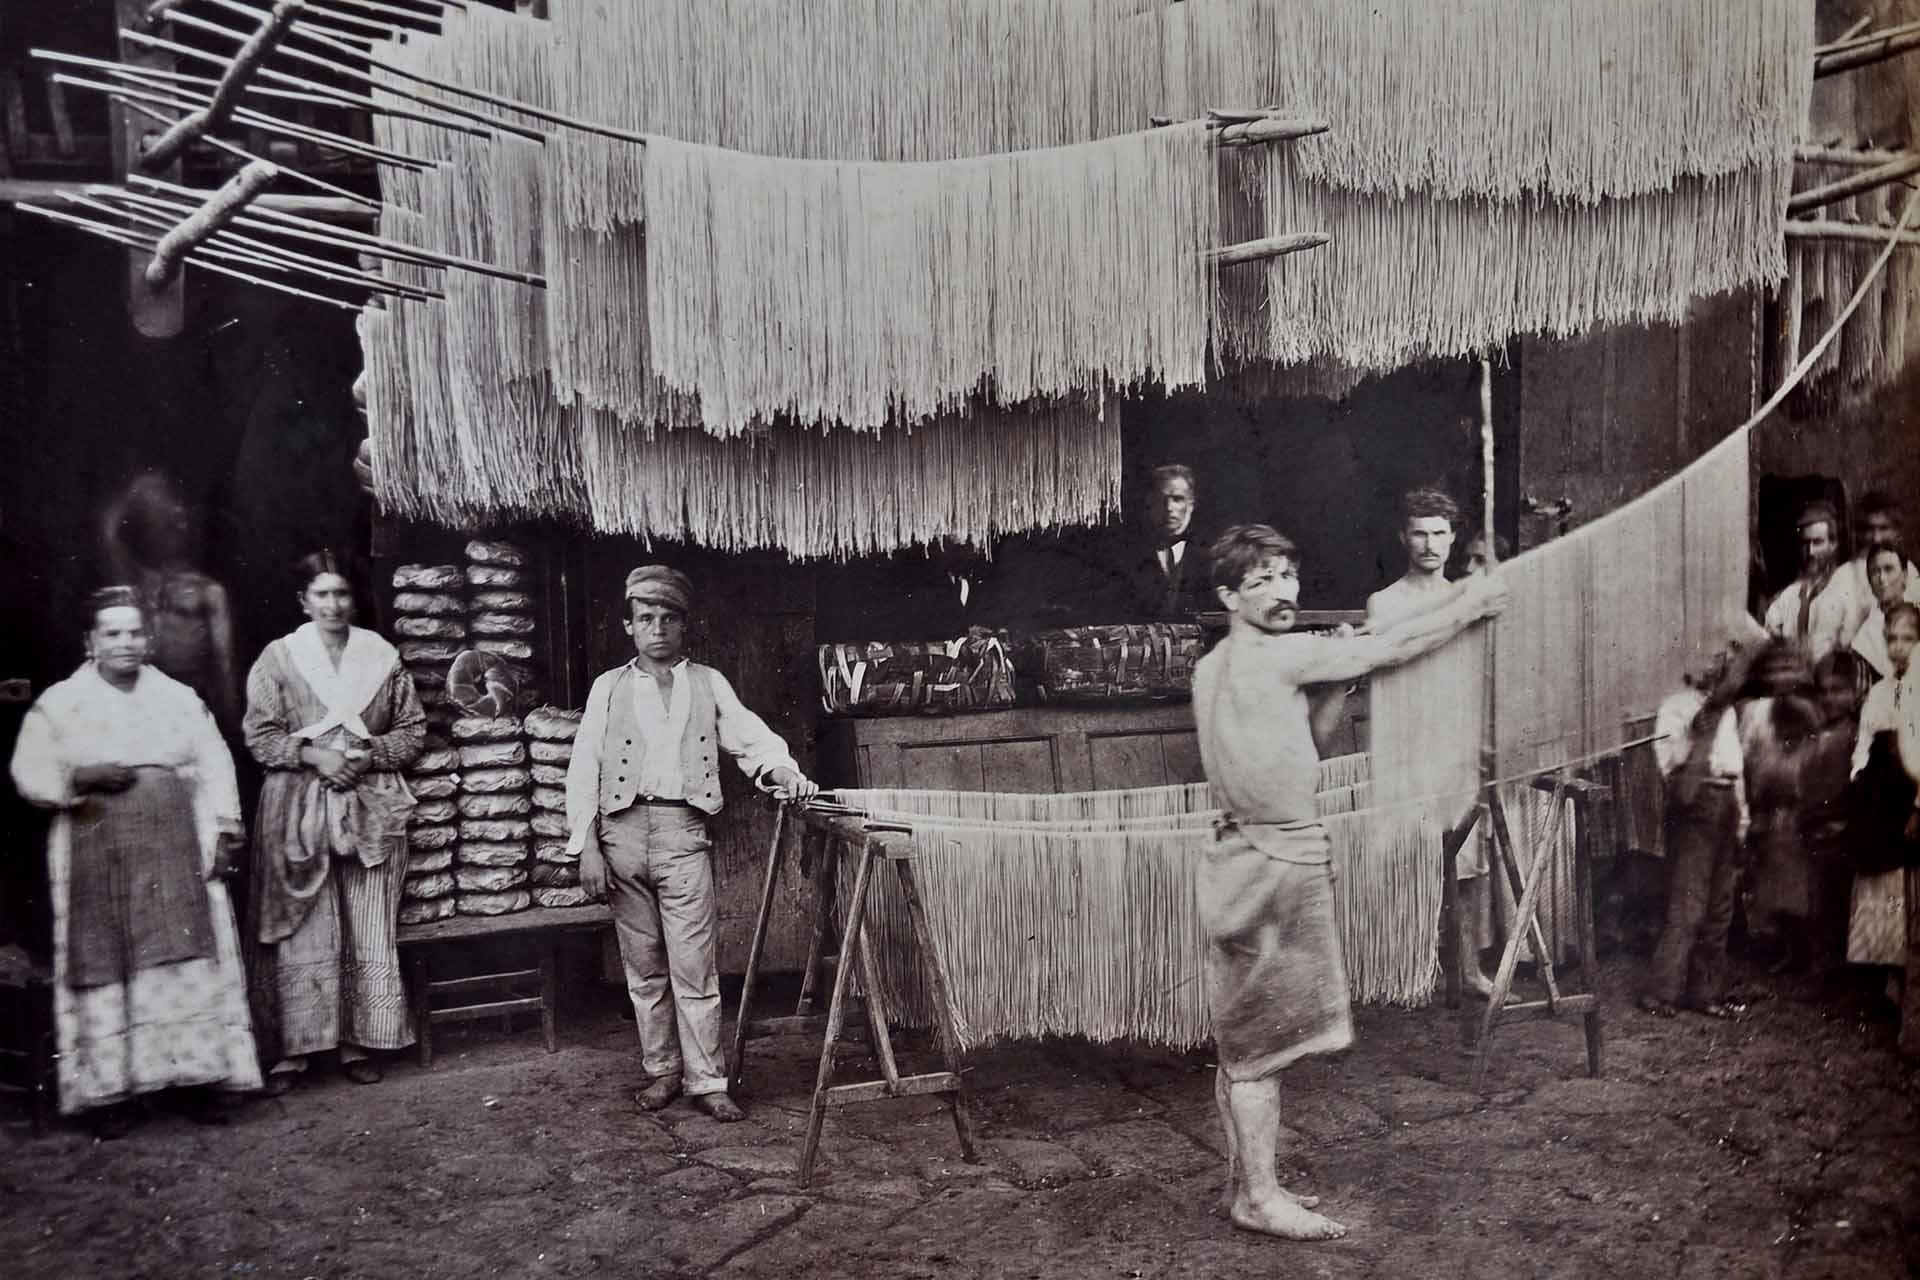 Napoli. Fabbrica di maccheroni. Essiccatoi all'aperto, albumina, 1880 ca. (SNSP, Album D'Amato)